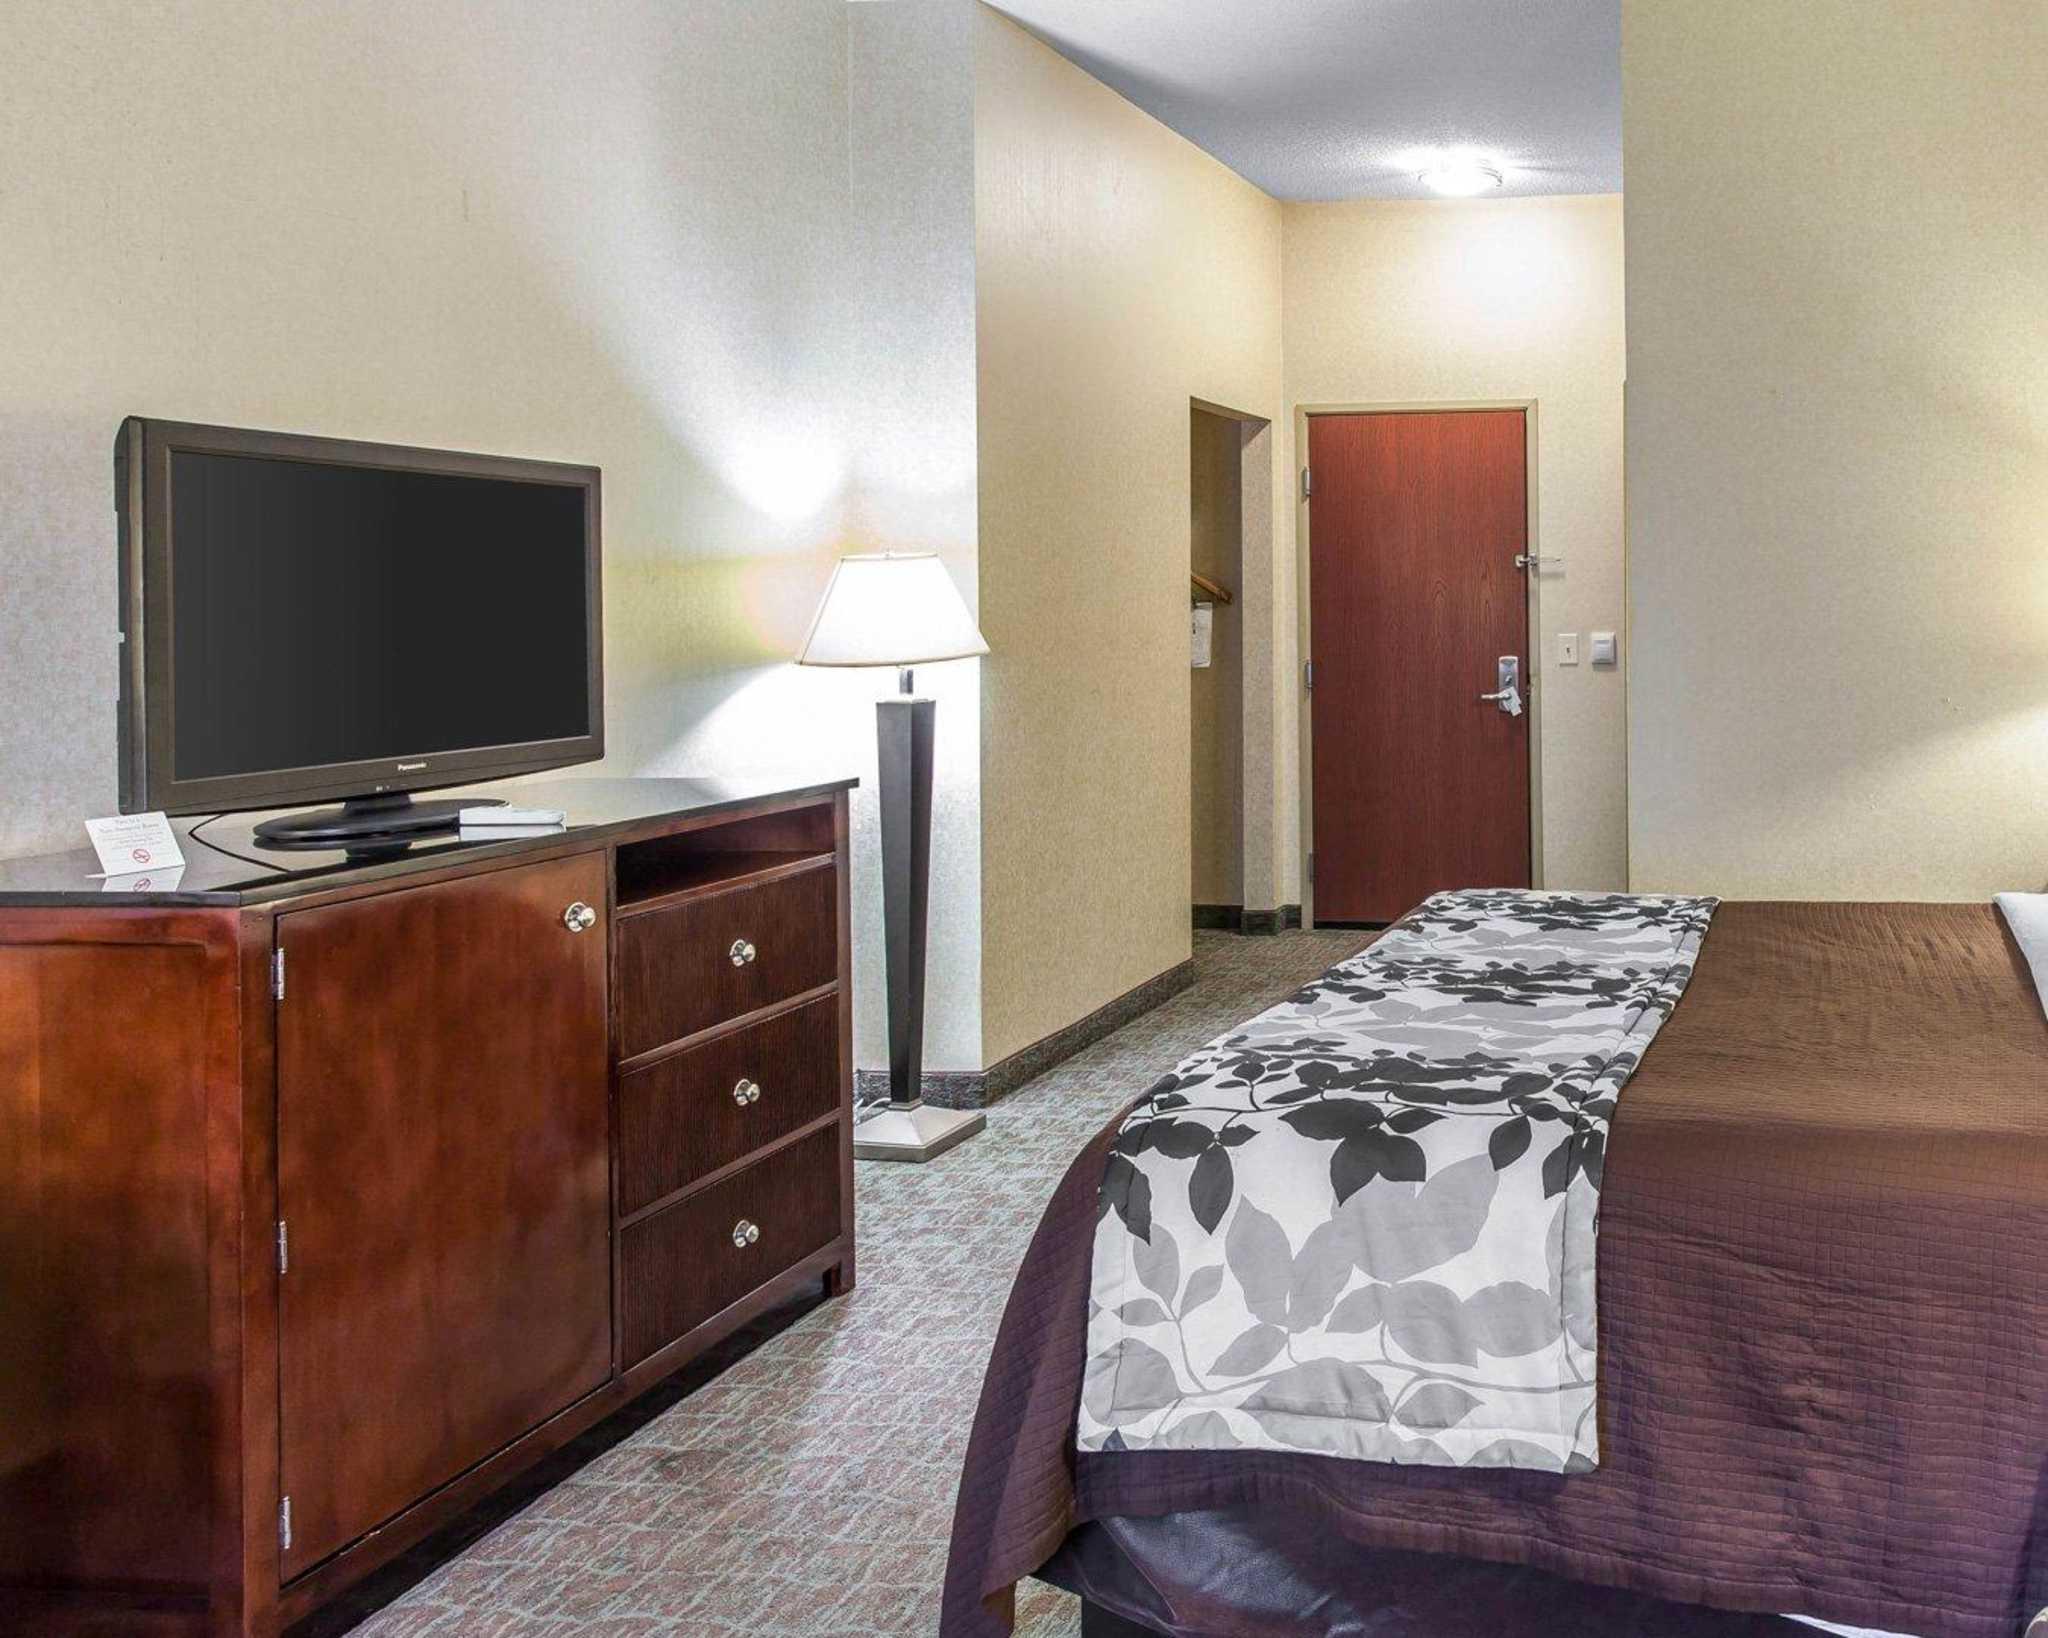 Sleep Inn & Suites Upper Marlboro near Andrews AFB image 28